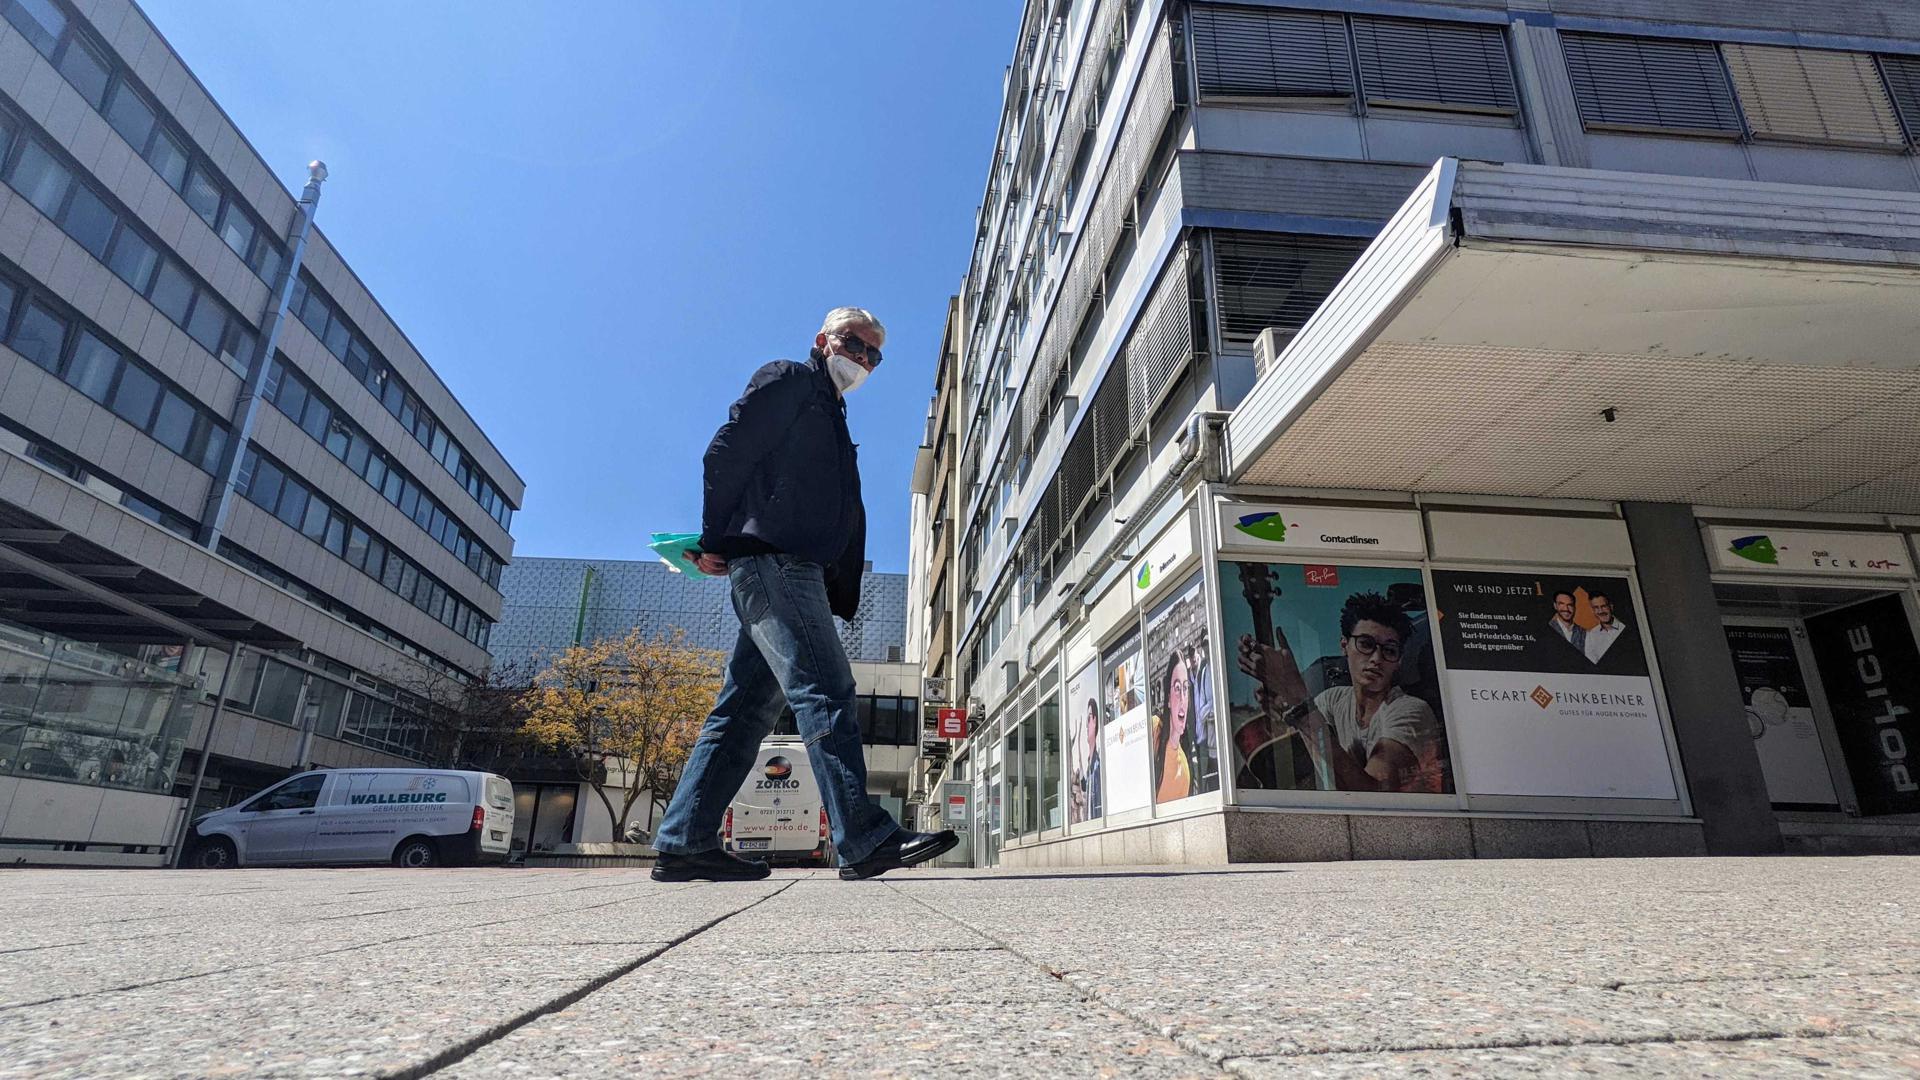 Platz westlich des Pforzheimer Marktplatzes. Verbindung zur Blumenstraße